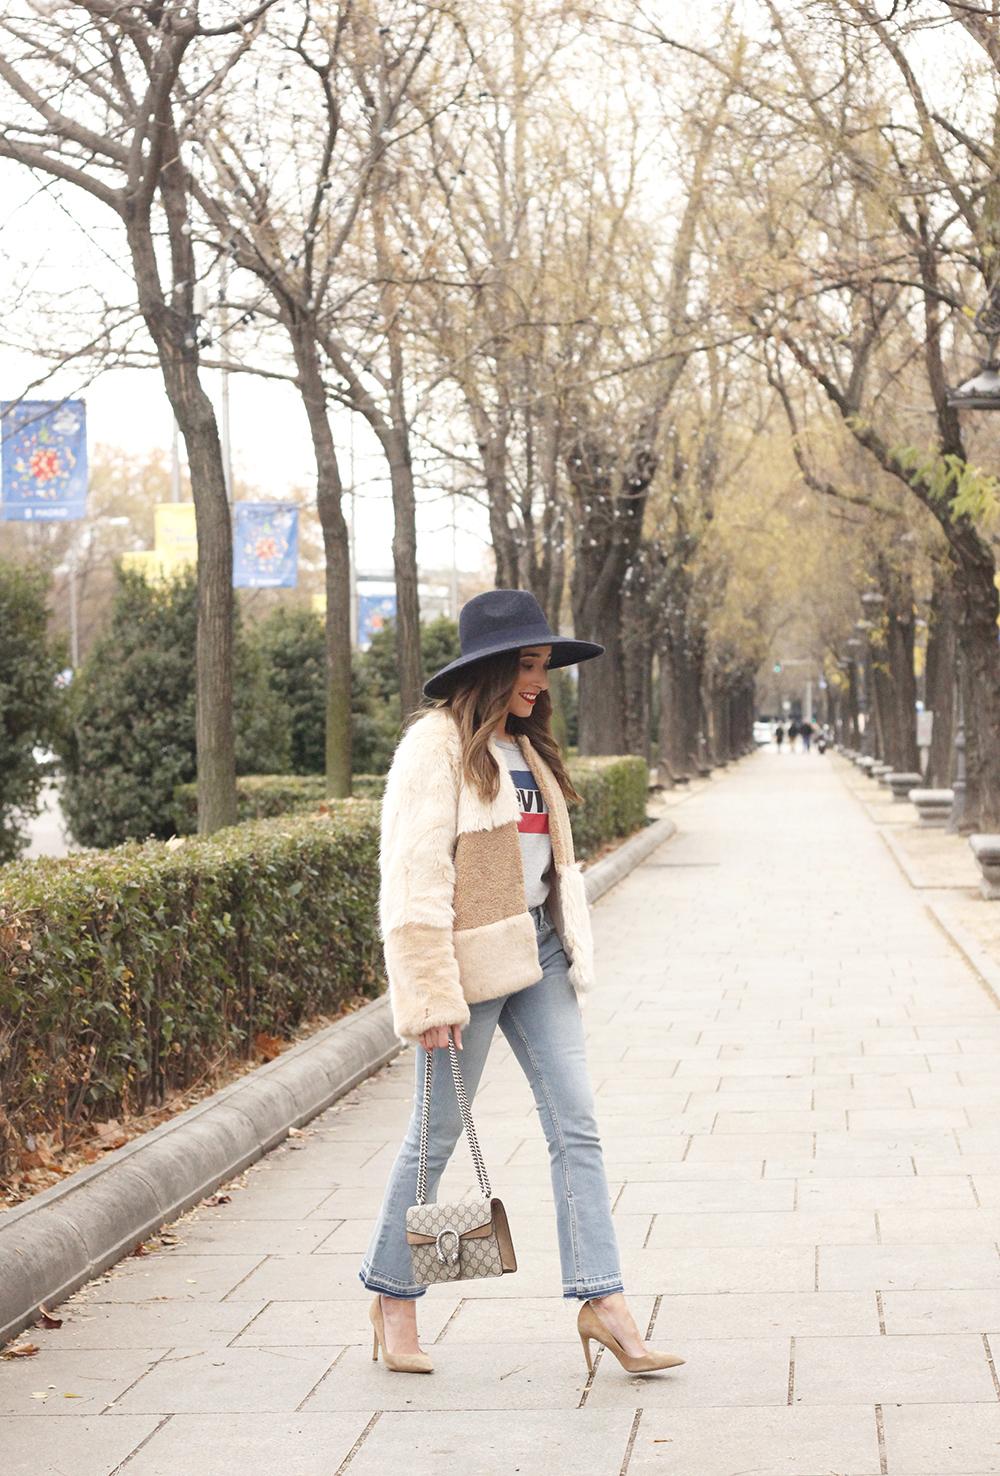 Beige faux fur coat zara blue hat nude heels jeans style fashion outfit winter 10